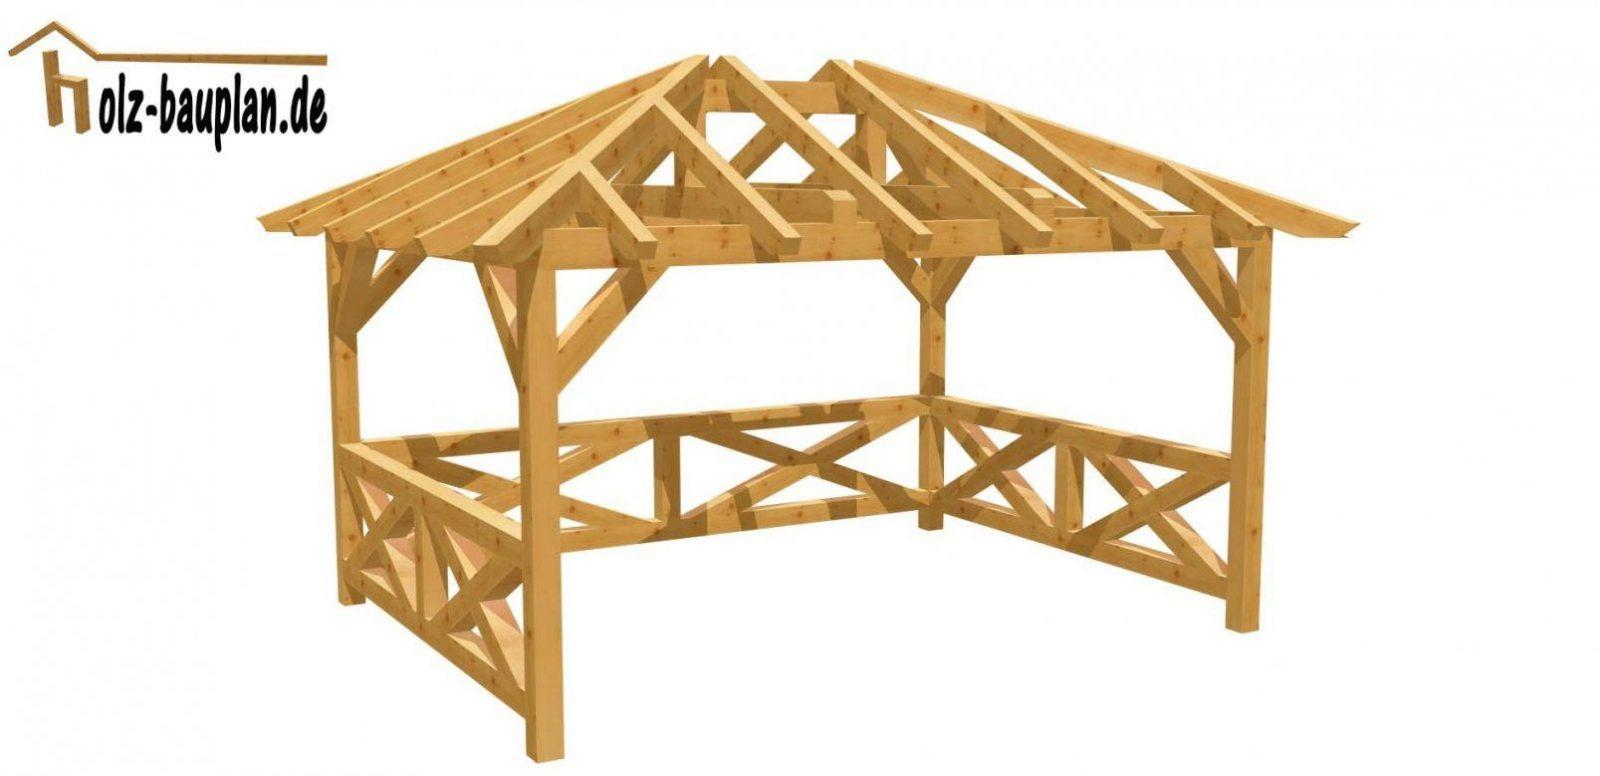 Pavillon Einfach Selber Bauen  Youtube von Pavillon Holz 4X4 Selber Bauen Bild